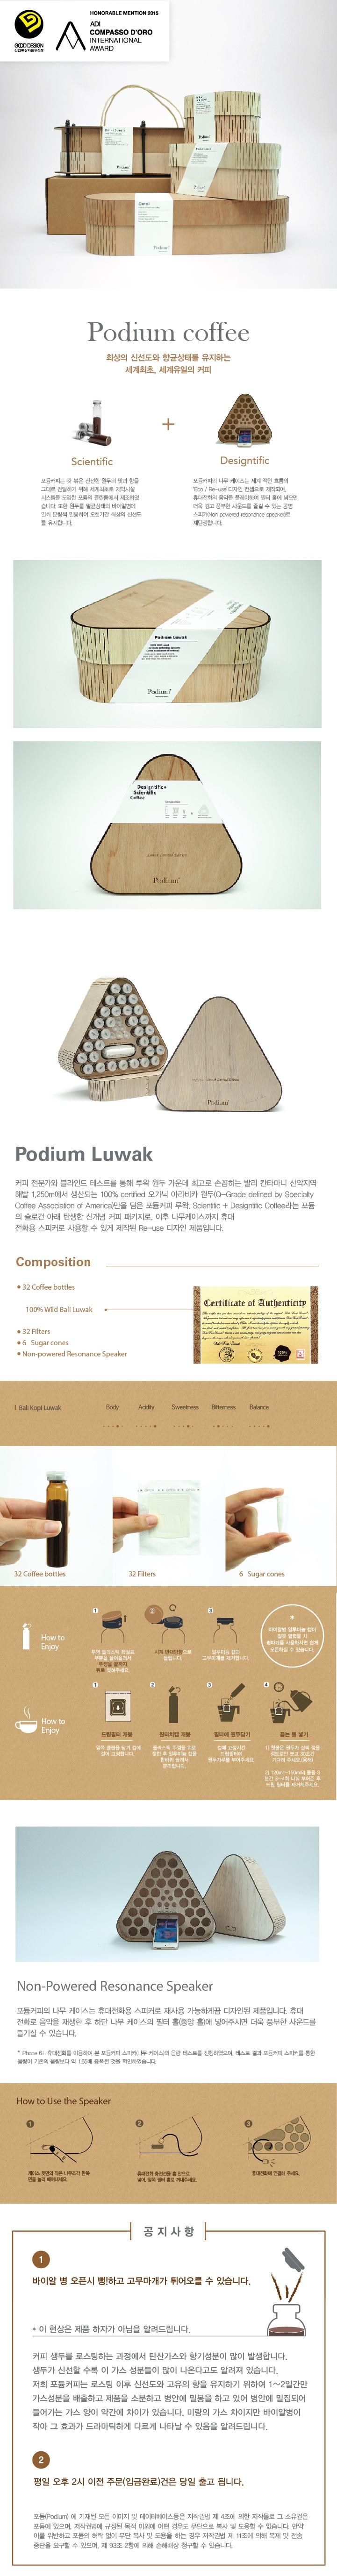 삼각루왁_Luwak - 포듐, 260,000원, 커피, 분말커피